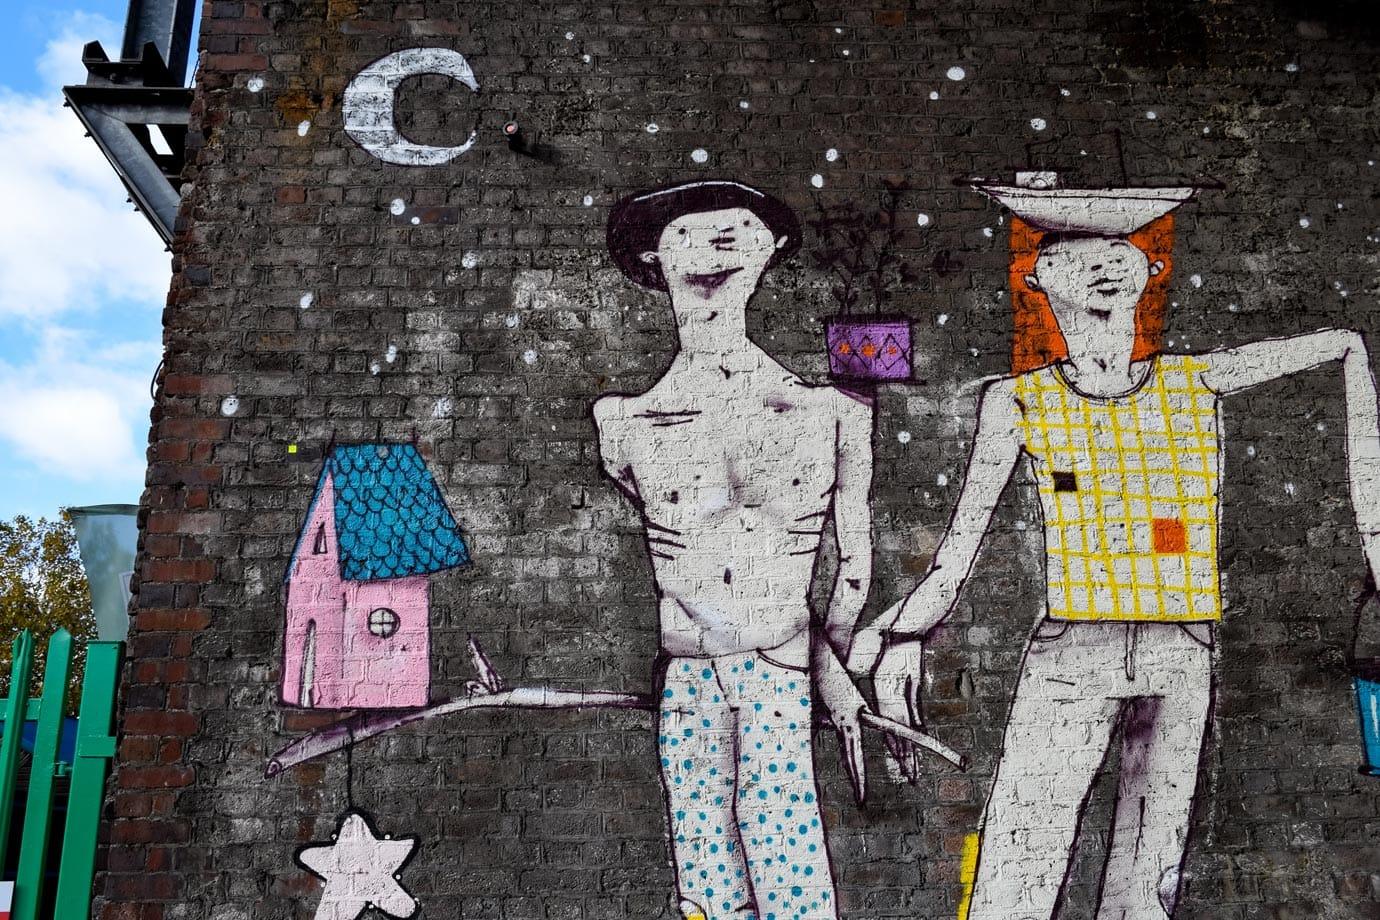 camden street art london